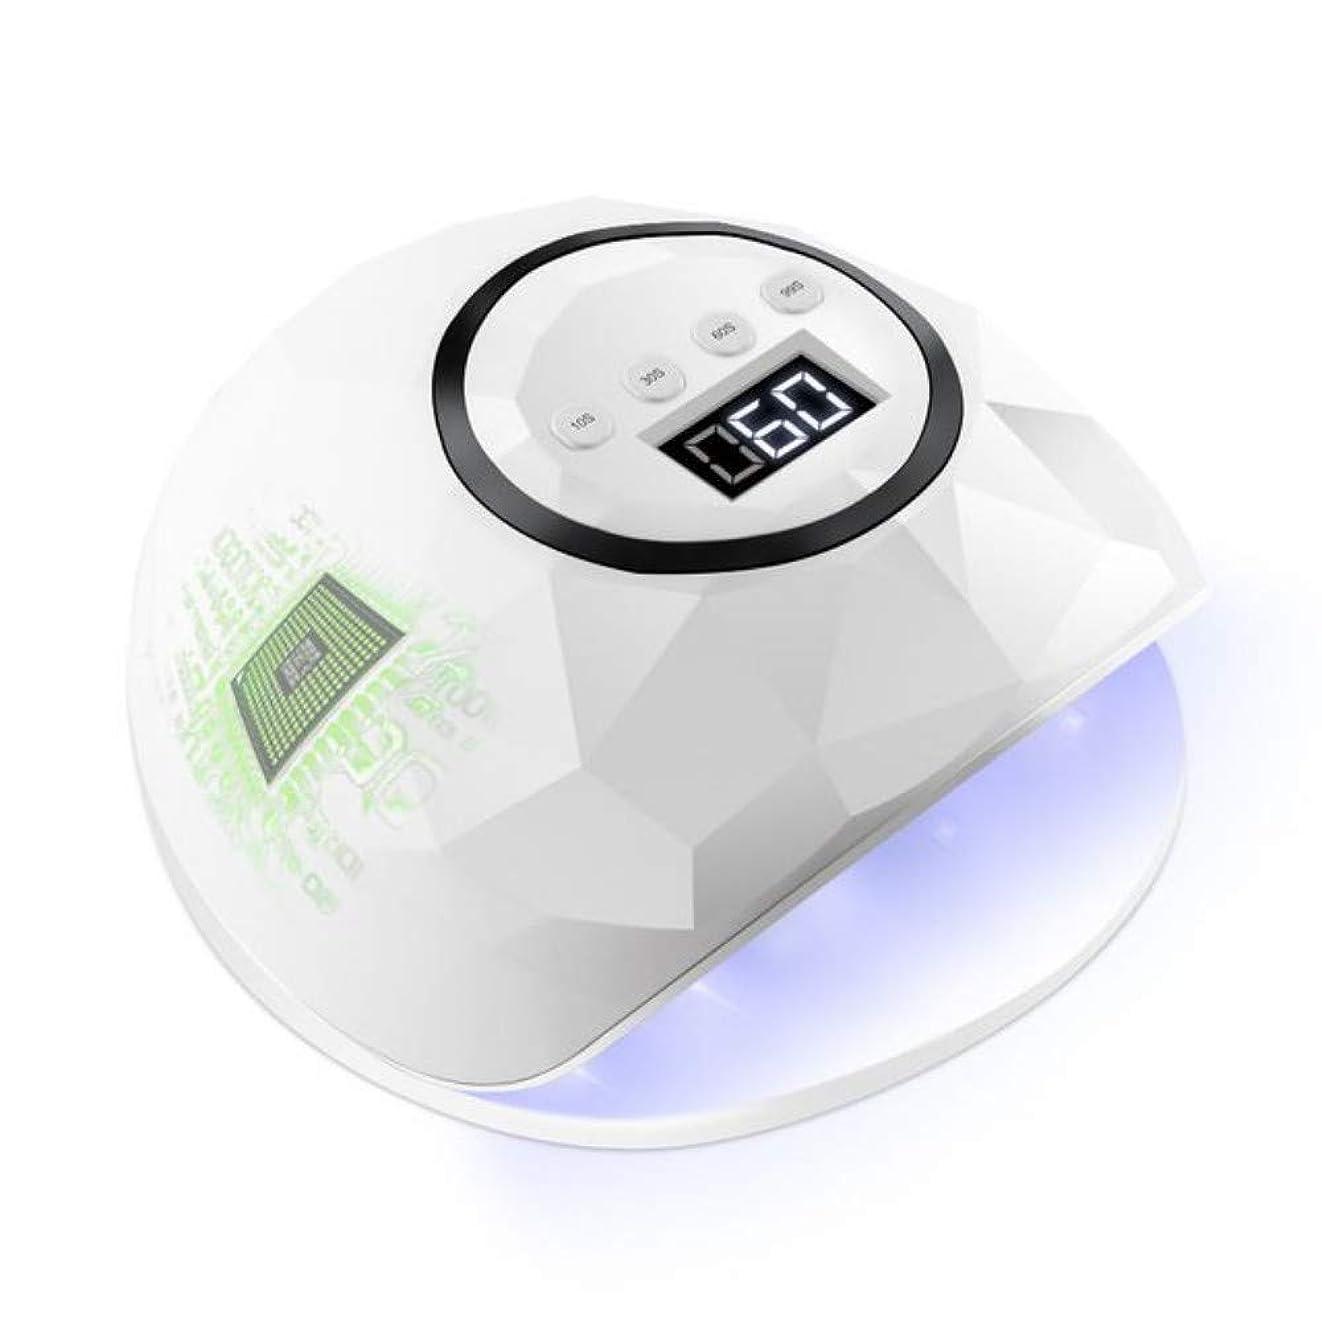 ネイルドライヤー72ワットネイルドライヤーLEDデュアルUV LEDネイルランプ用硬化UVジェルネイルポリッシュセンサー付きネイルアートランプLedマニキュア